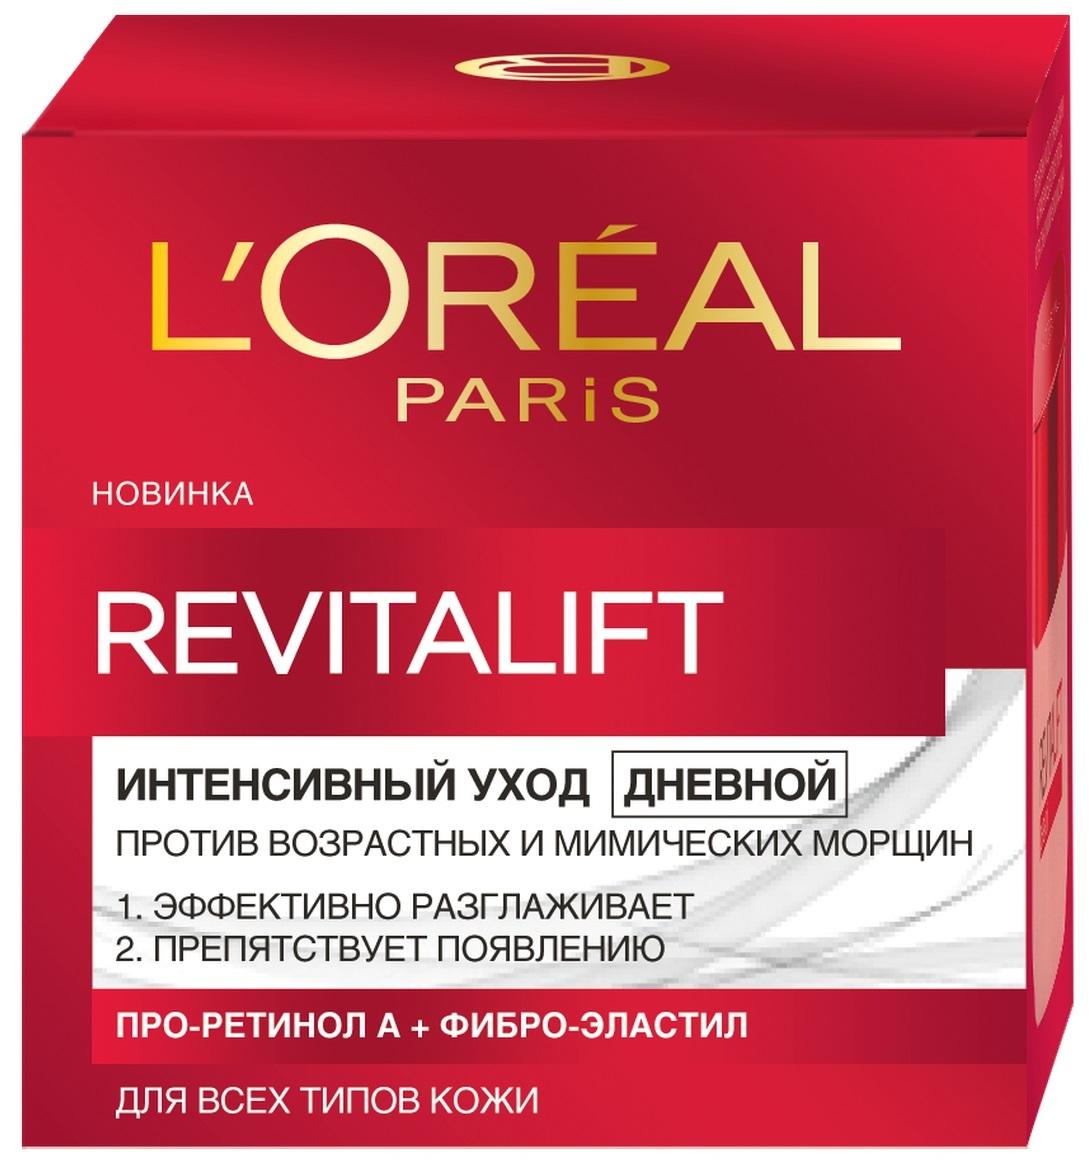 LOreal Paris Revitalift Дневной антивозрастной крем для лица, 50 млA2152520Крем для лица Revitalift оказывает мощнейший лифтинг-эффект, работая сразу по четырем направлениям: 1. Моментально кожа получает глубокое увлажнение и прилив энергии. 2. Уже через первую неделю использования повышается упругость кожи на 11%. 3. По истечении месяца использования визуально морщины заметно сокращаются. 4. Происходит активная регенерация и возрождение молодости кожи.